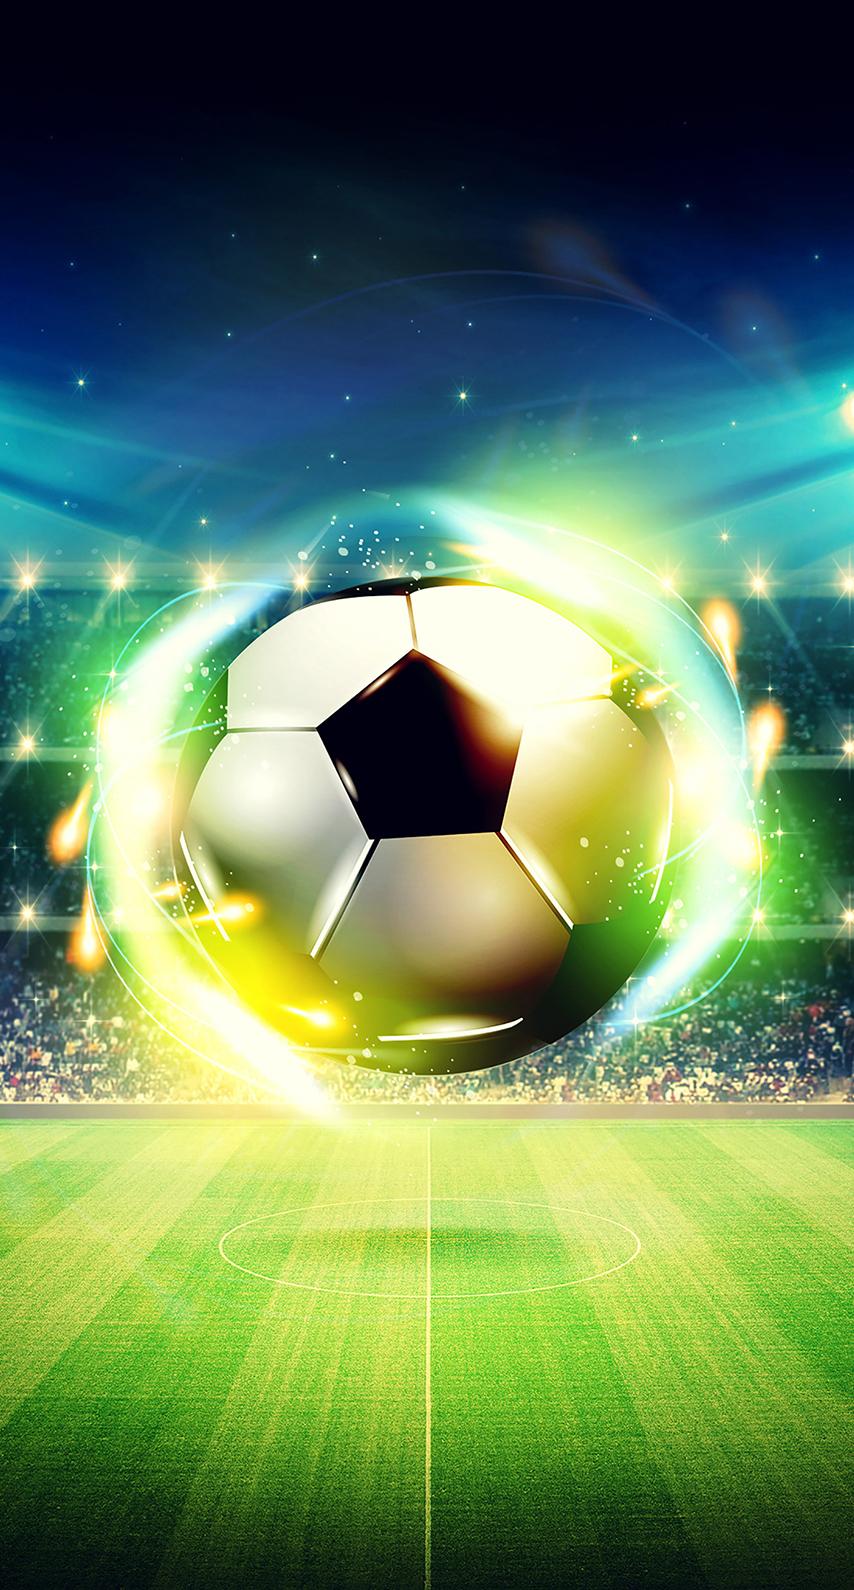 field, bright, celebration, soccer, game, ball, design, desktop, line, sphere, goal